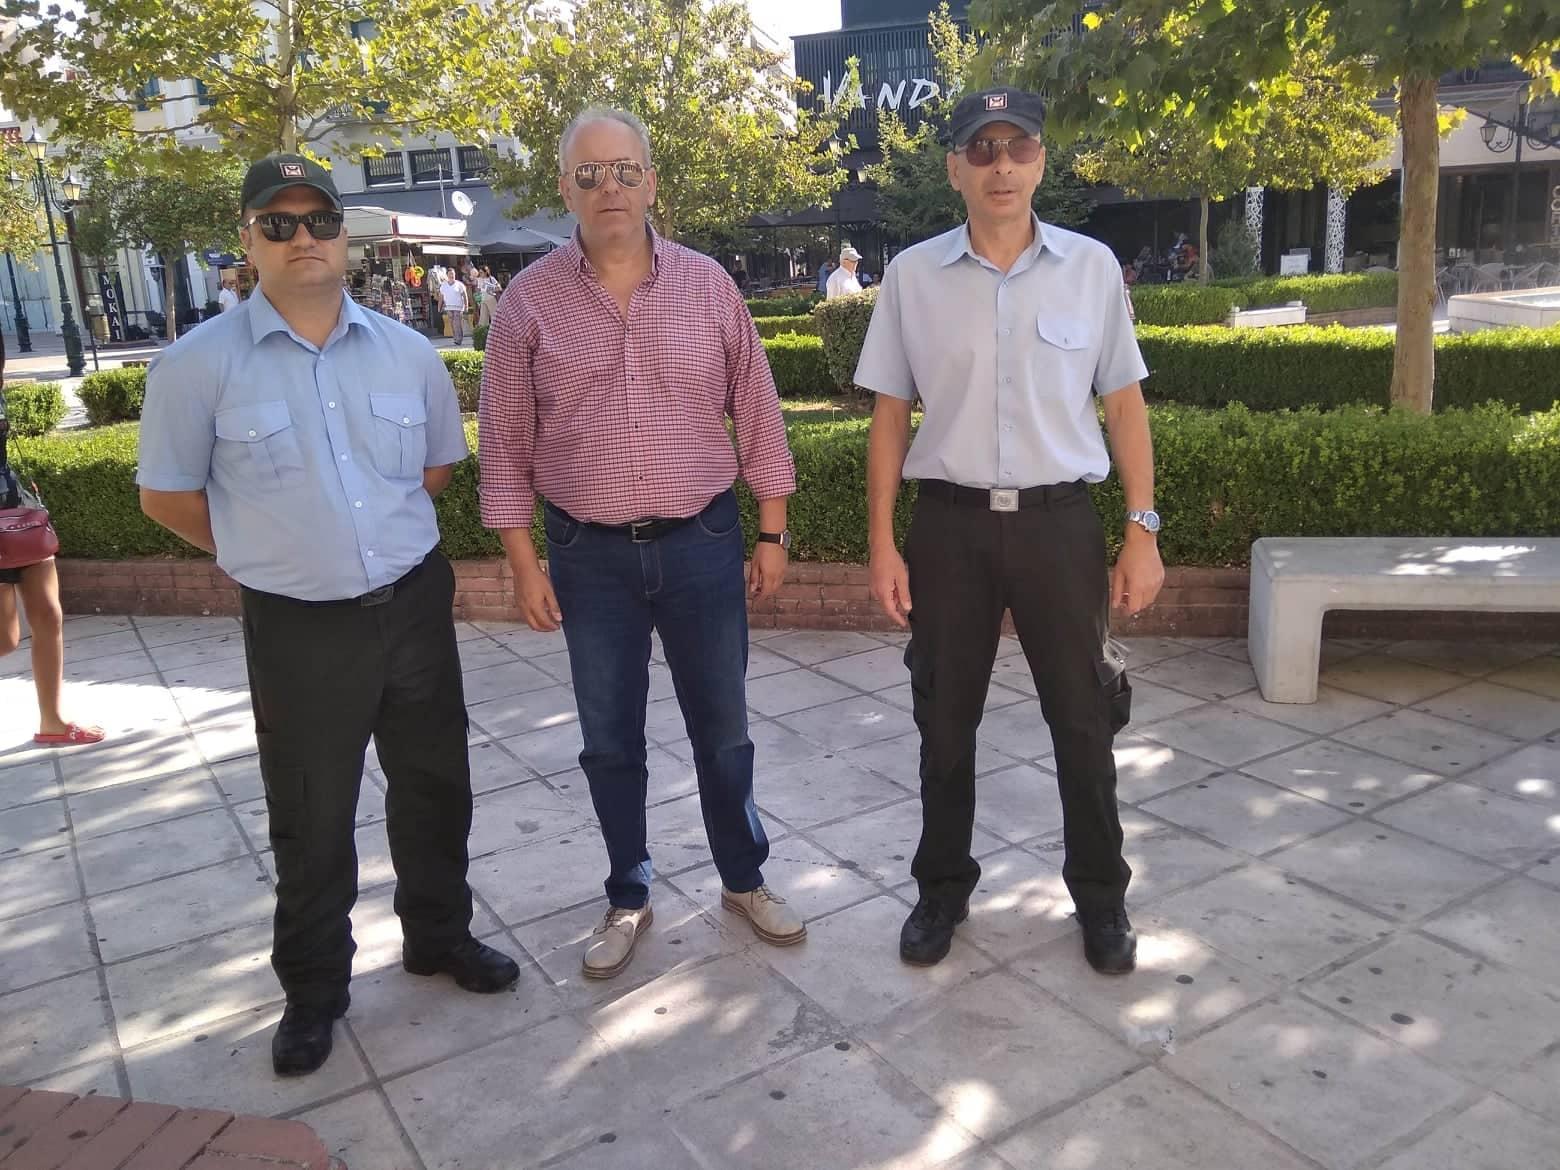 Δήμος Πύργου: Η Δημοτική Αστυνομία στην υπηρεσία του δημότη